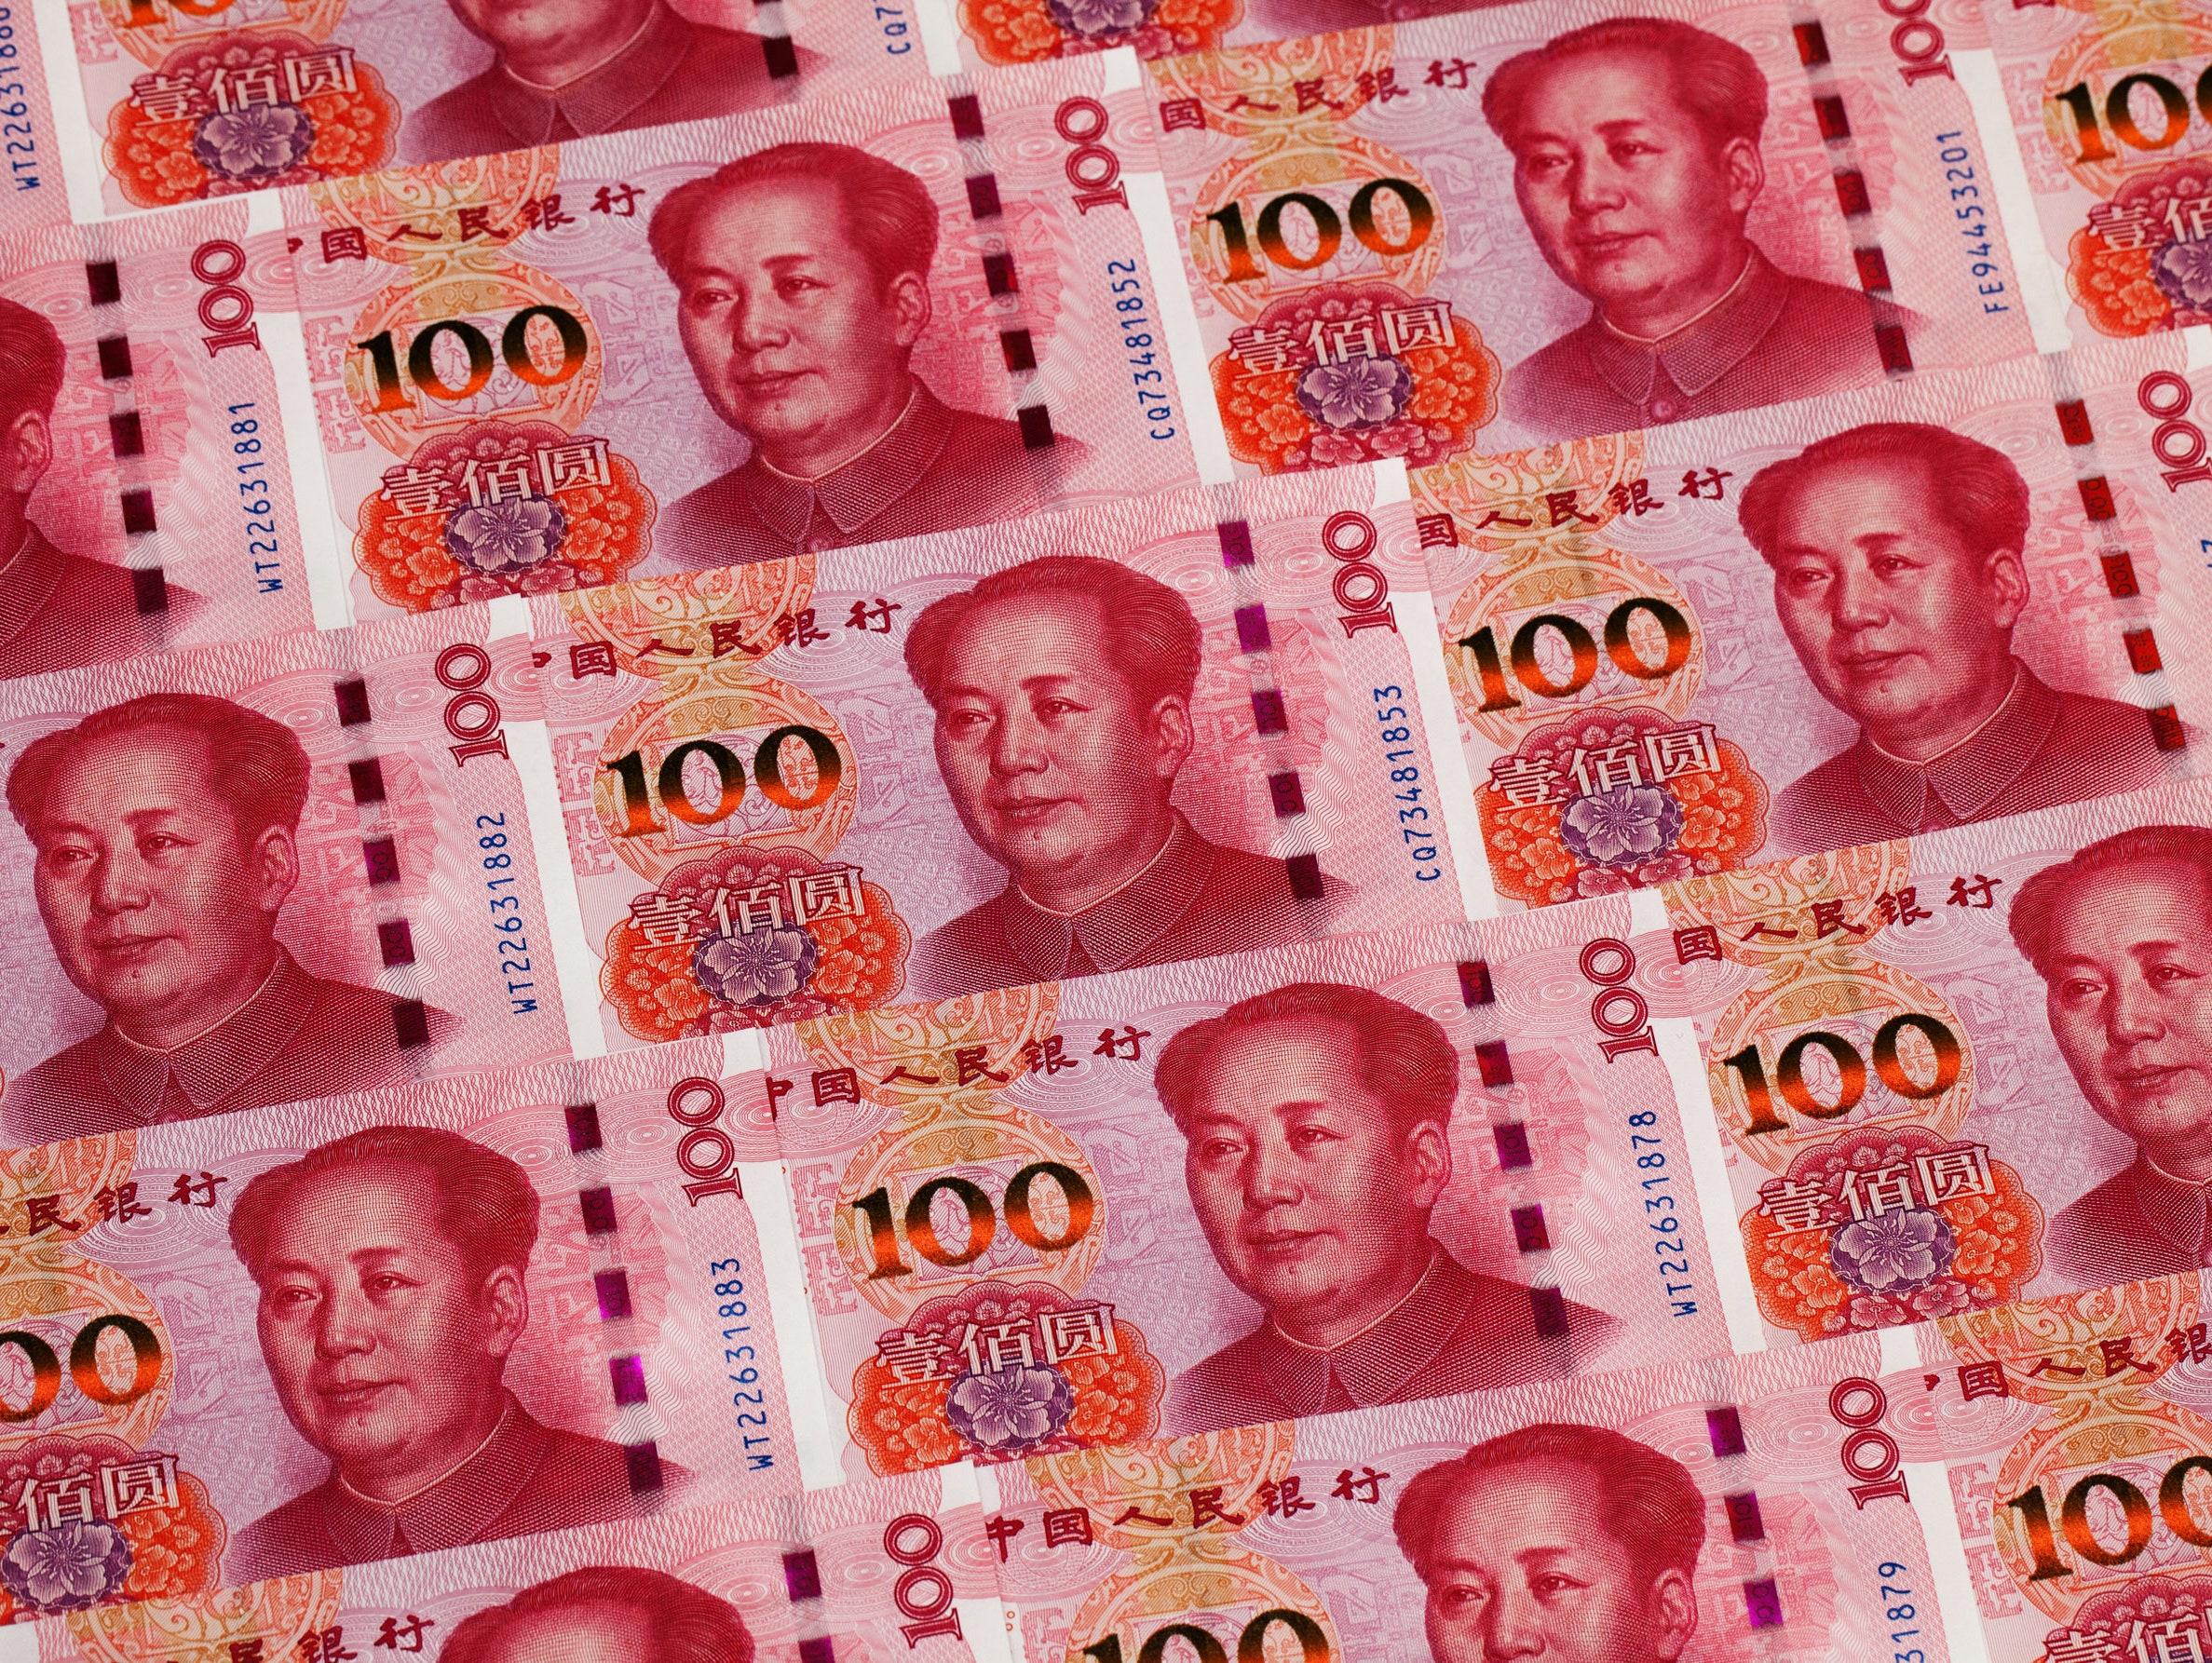 Lanzamiento del yuan digital es inminente, según declara el ex gobernador del Banco Central de China